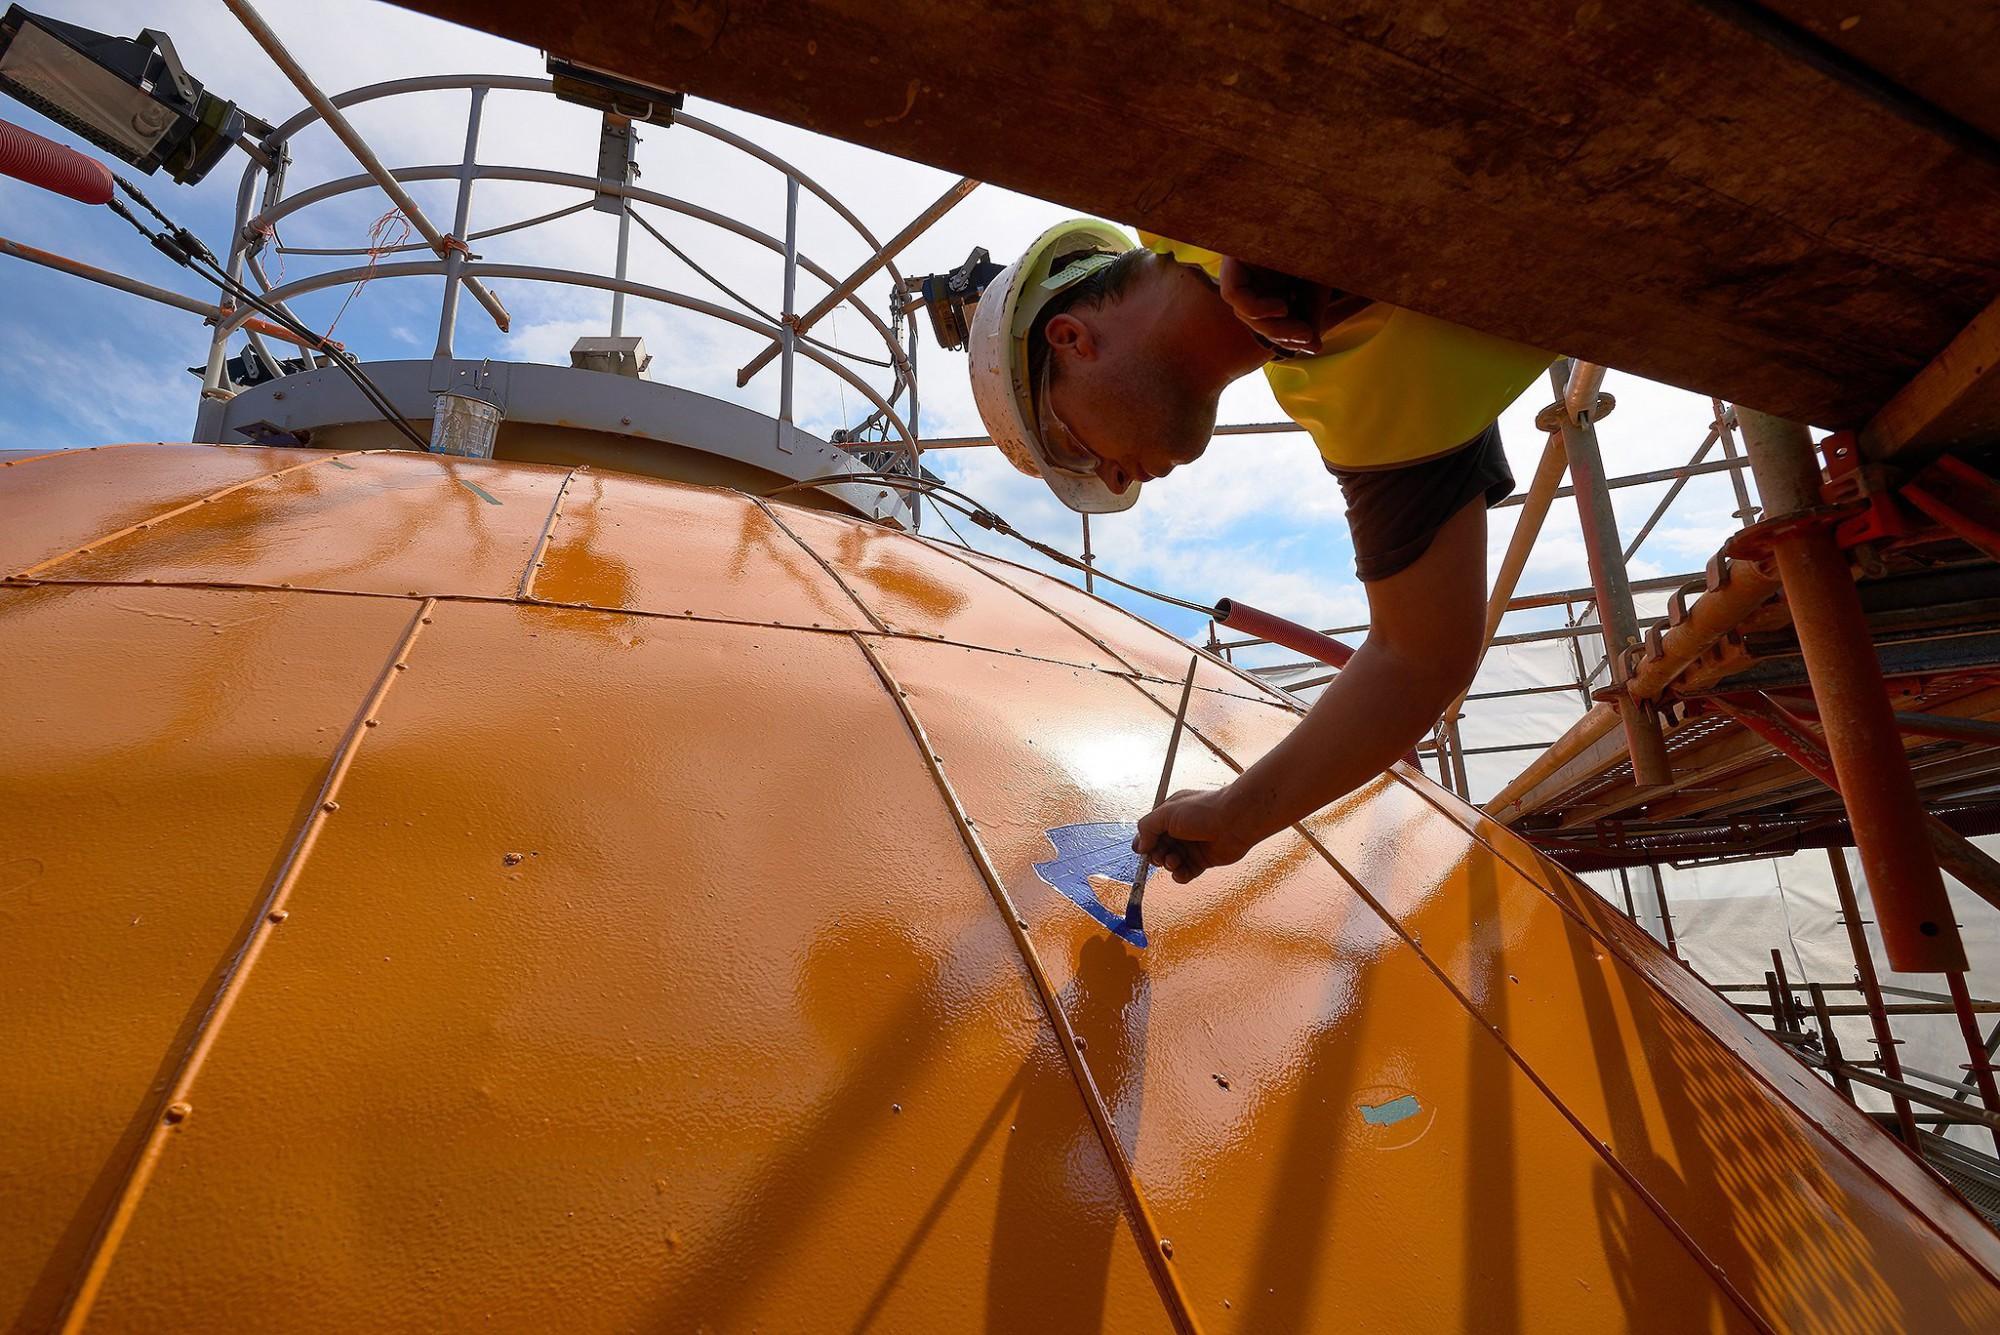 Afbeelding: Industriële fotografie voor AIS, schilderen van de wereldbol op een watertoren.